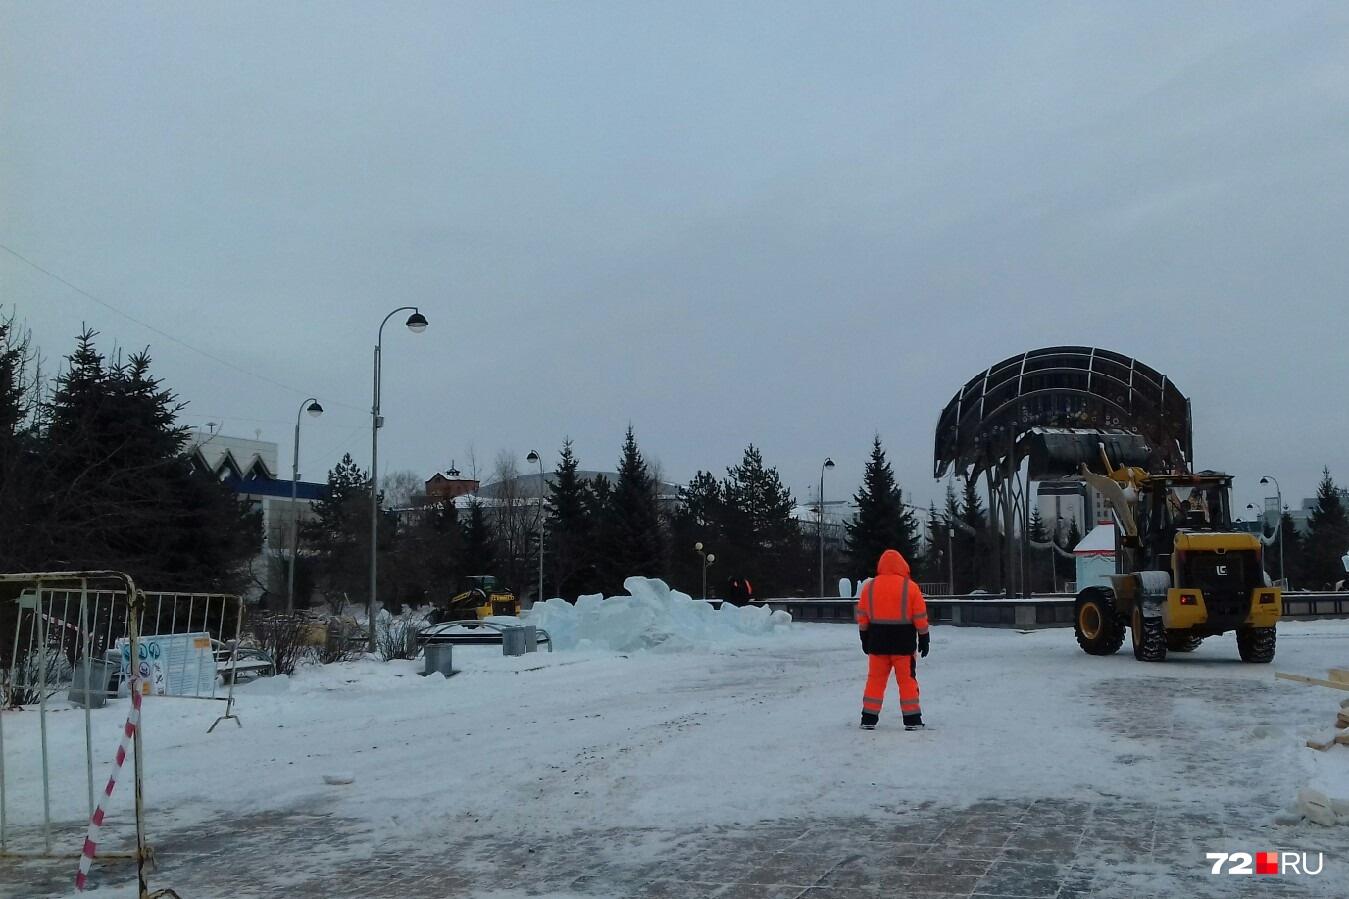 Ледяные фигуры разбивают на блоки и скидывают в грузовик